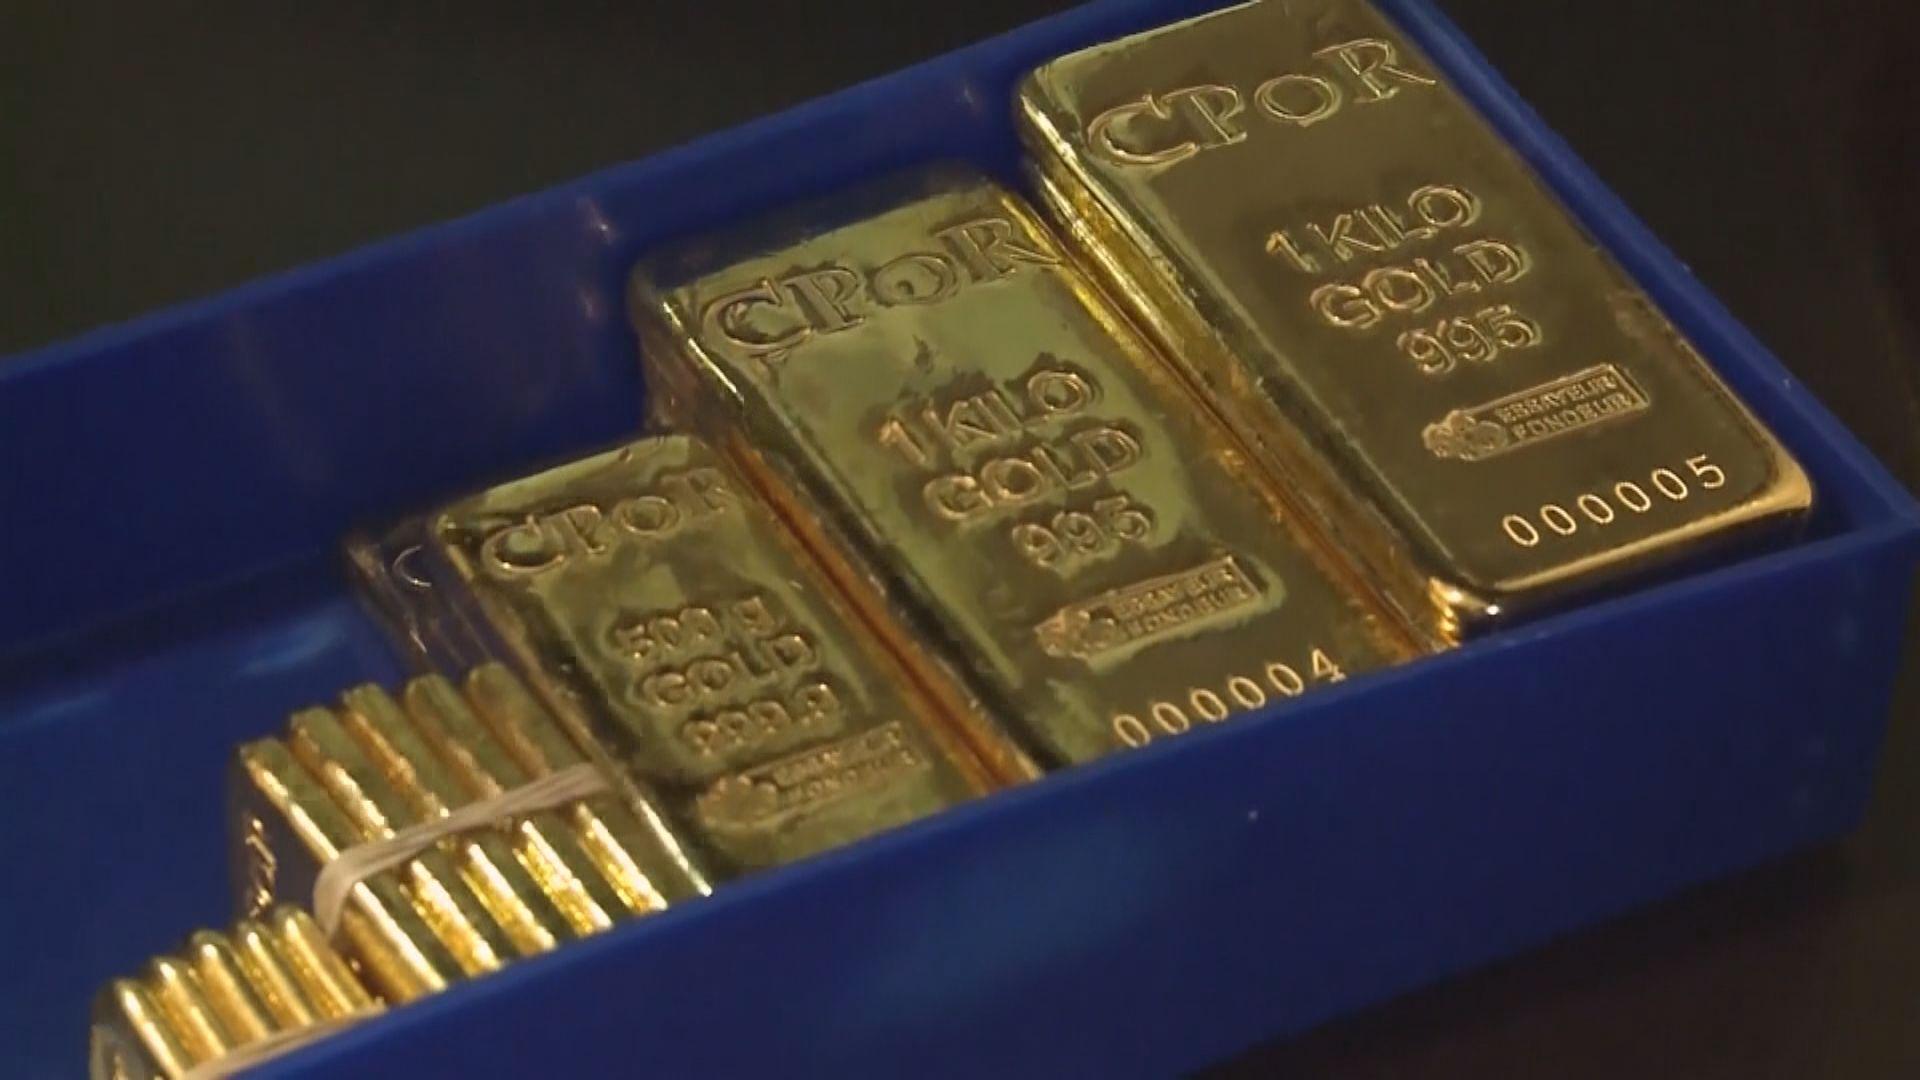 金價升逾1%重上1500美元關 因憂中美貿易前景